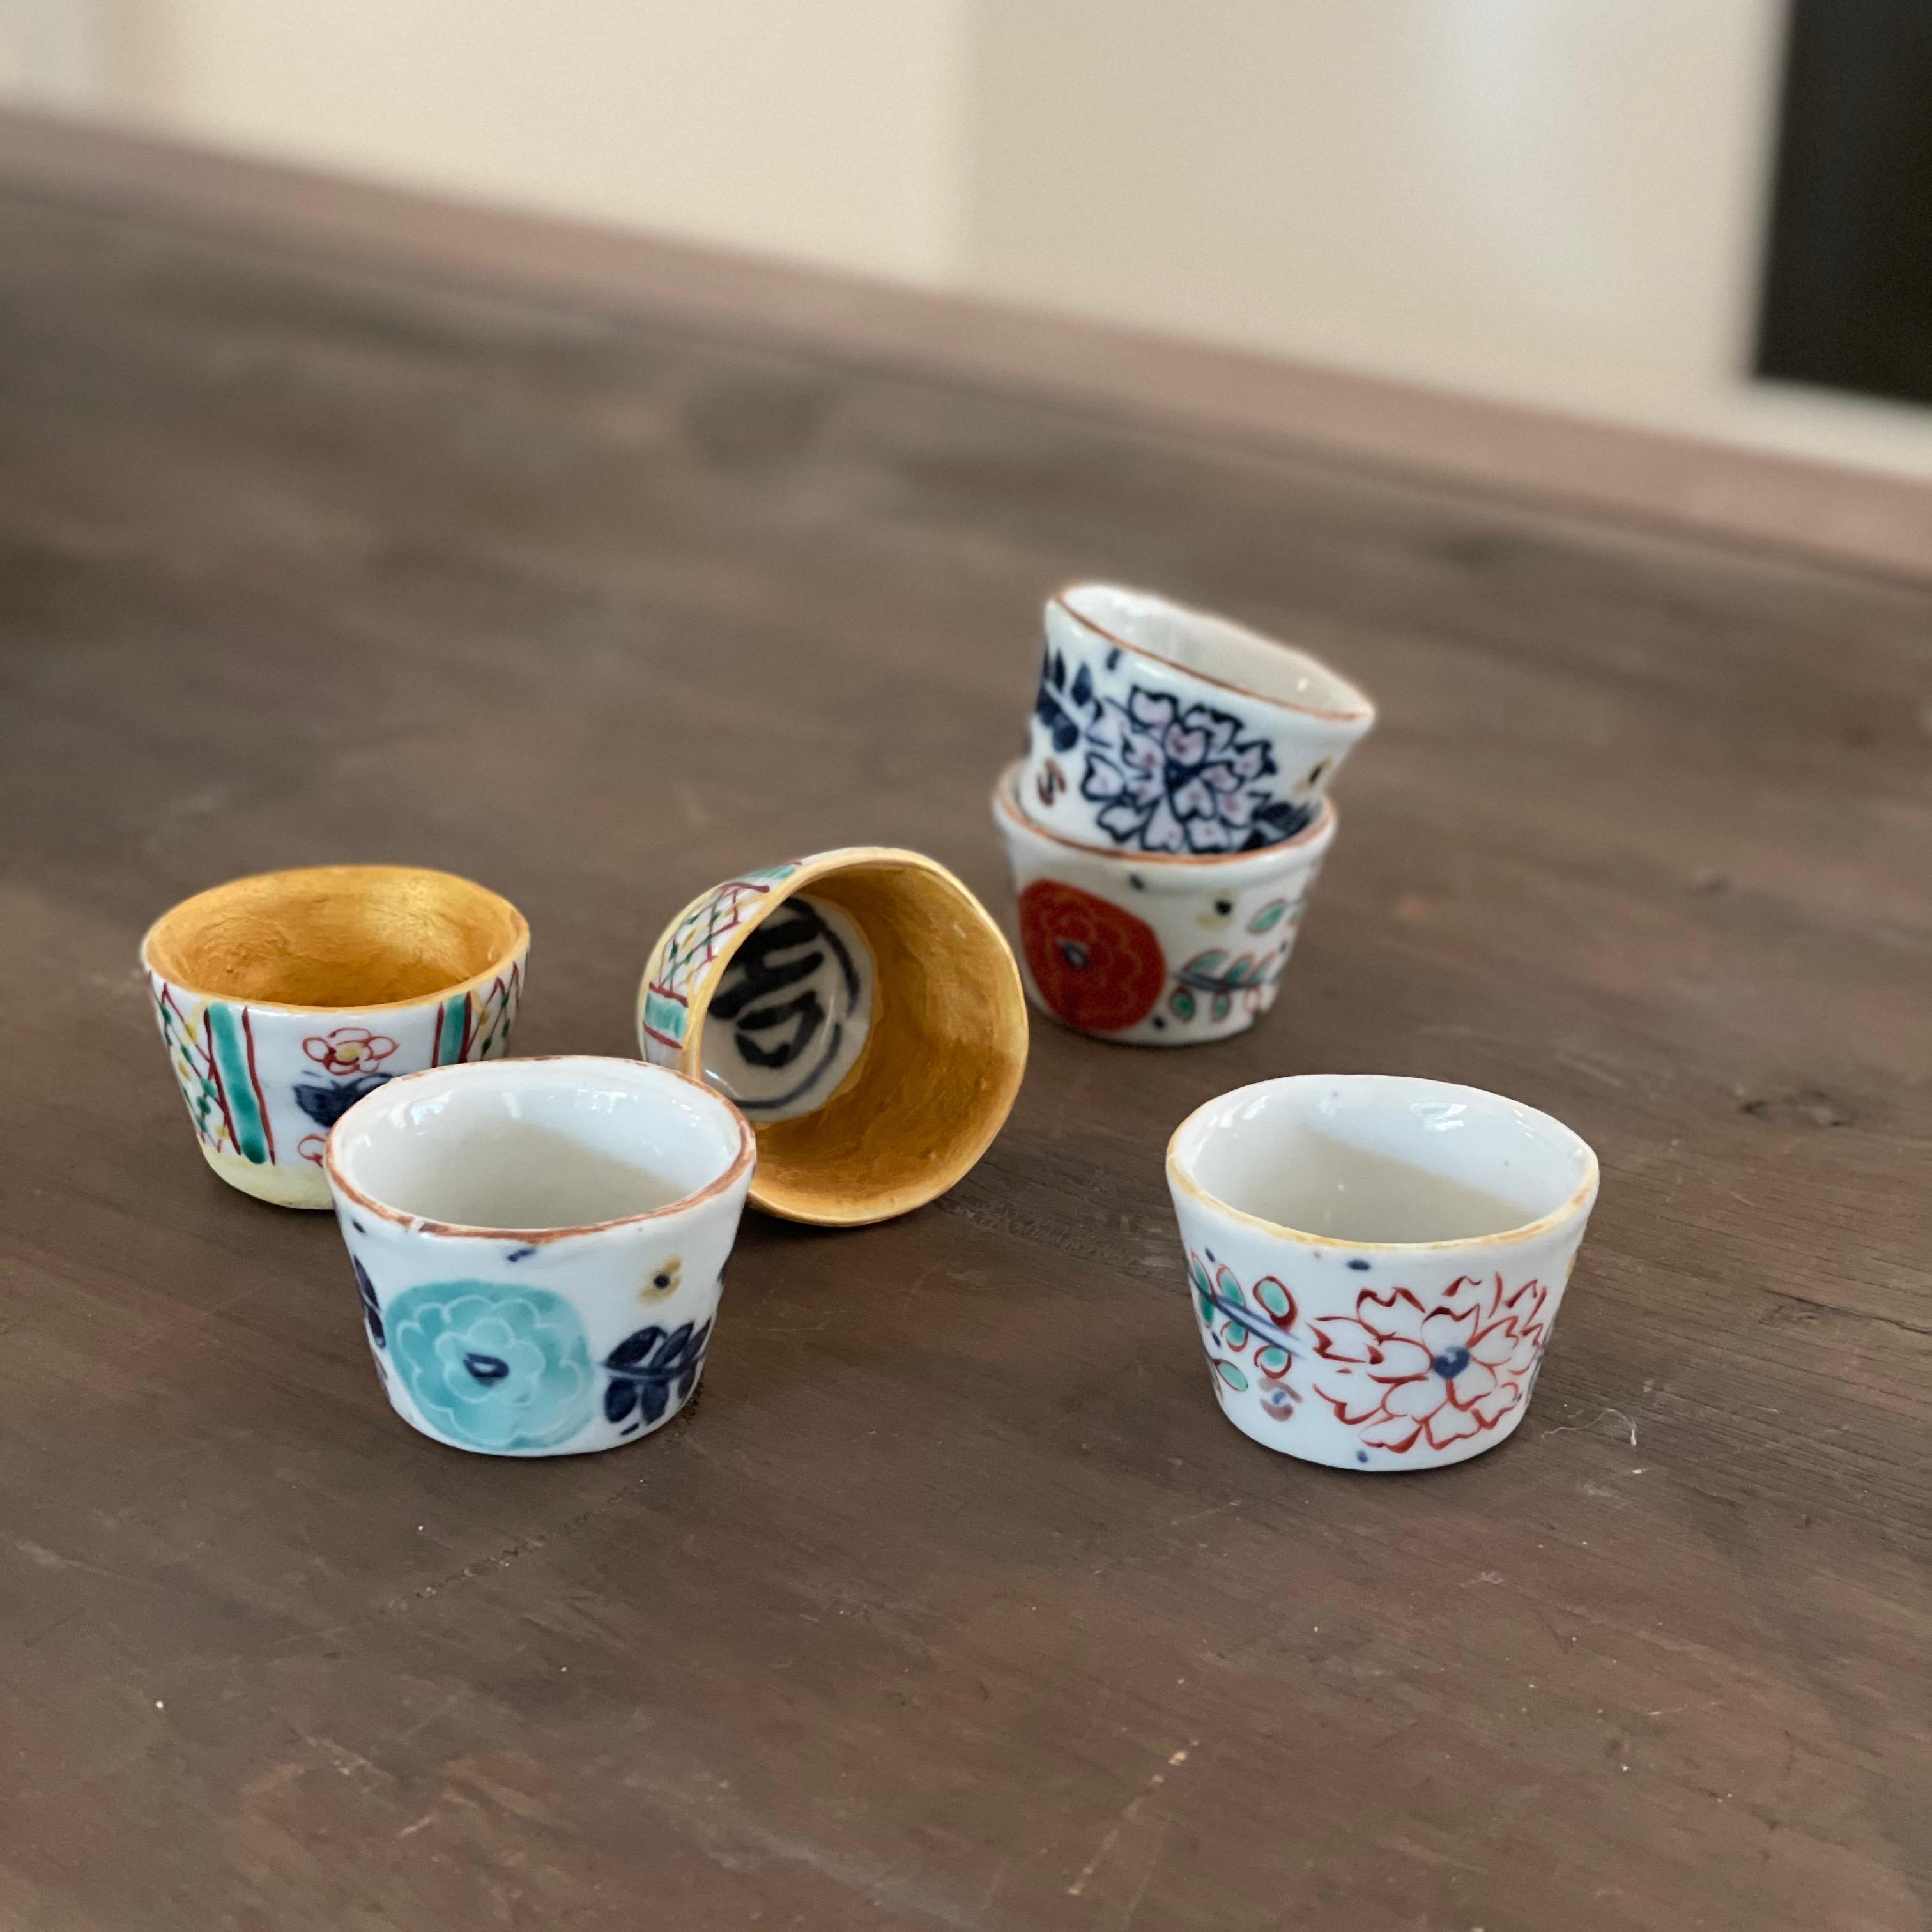 中尾万作さんの作品が届きました。   online shop でもお楽しみいただけます。